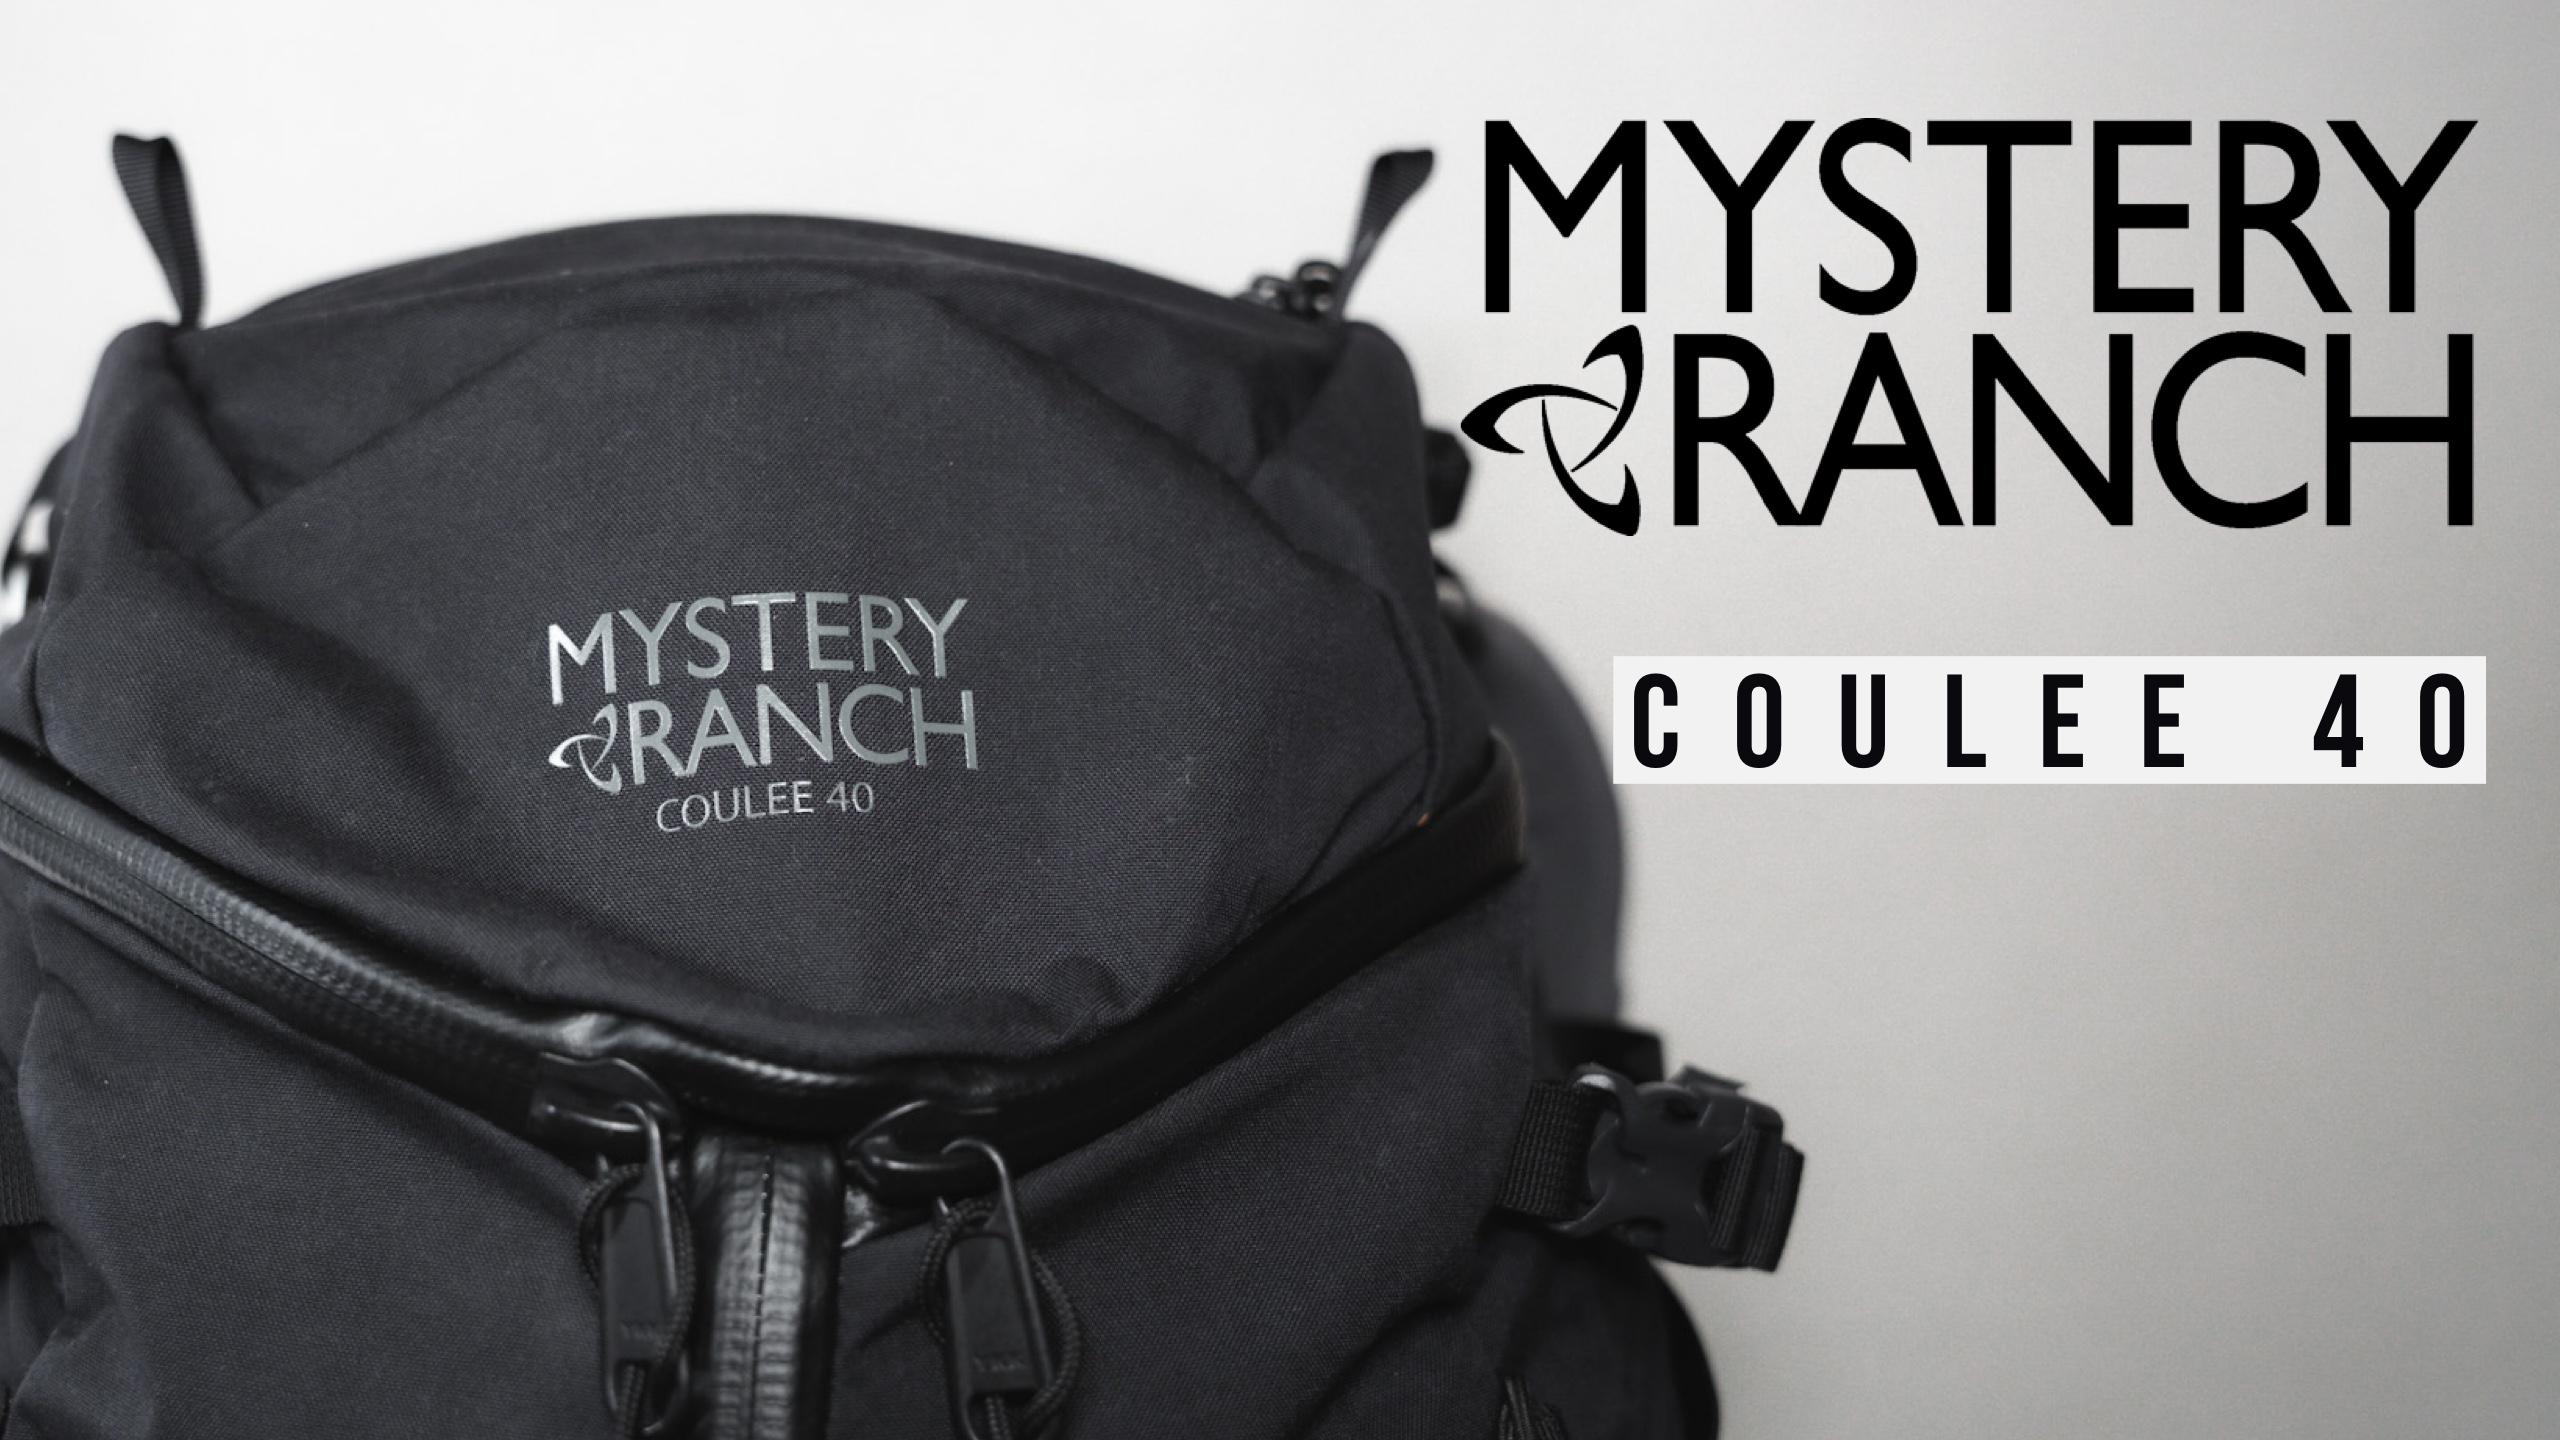 【レビュー】MYSTERY RANCH(ミステリーランチ)クーリー40 「キャンプや旅に出たくなる信頼のバックパック」